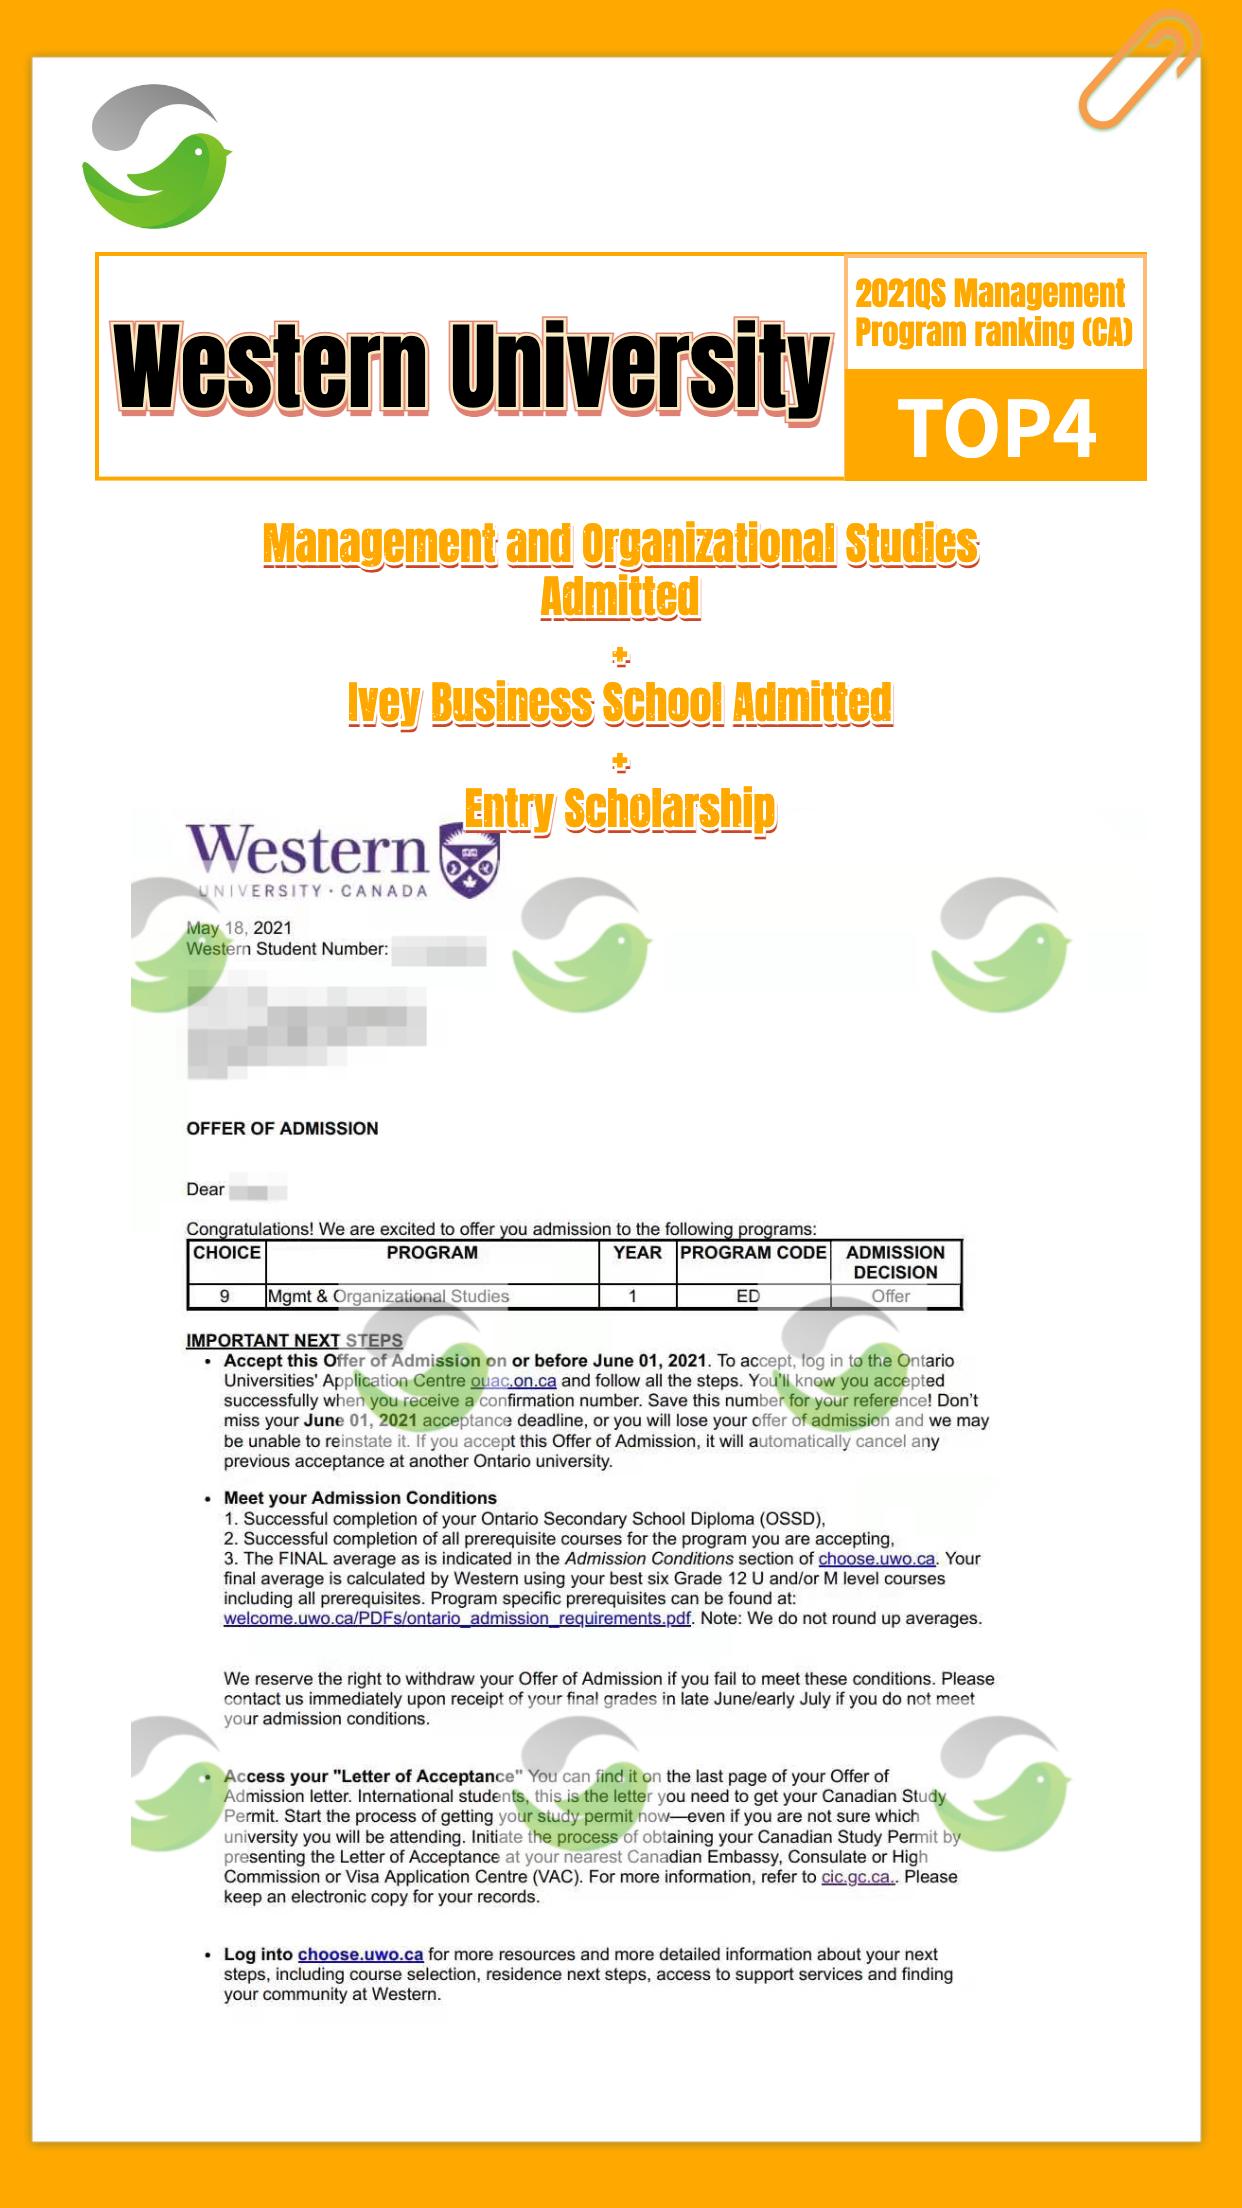 5-英文_western management_offer海报